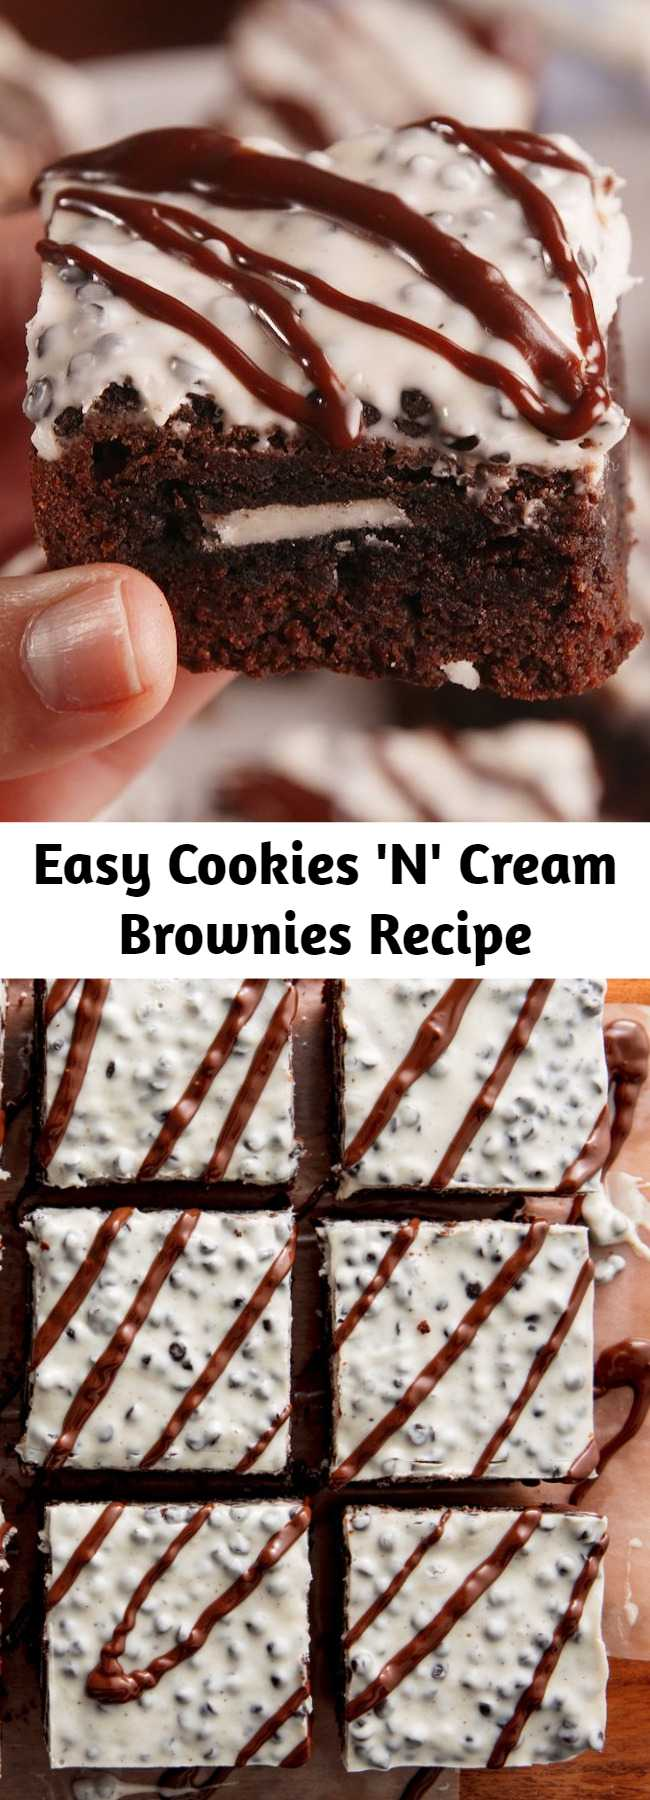 Easy Cookies 'N' Cream Brownies Recipe - Cookies 'N' Cream Brownie bars transform a boxed brownie mix into pure heaven in this recipe. These brownies give us major feels.